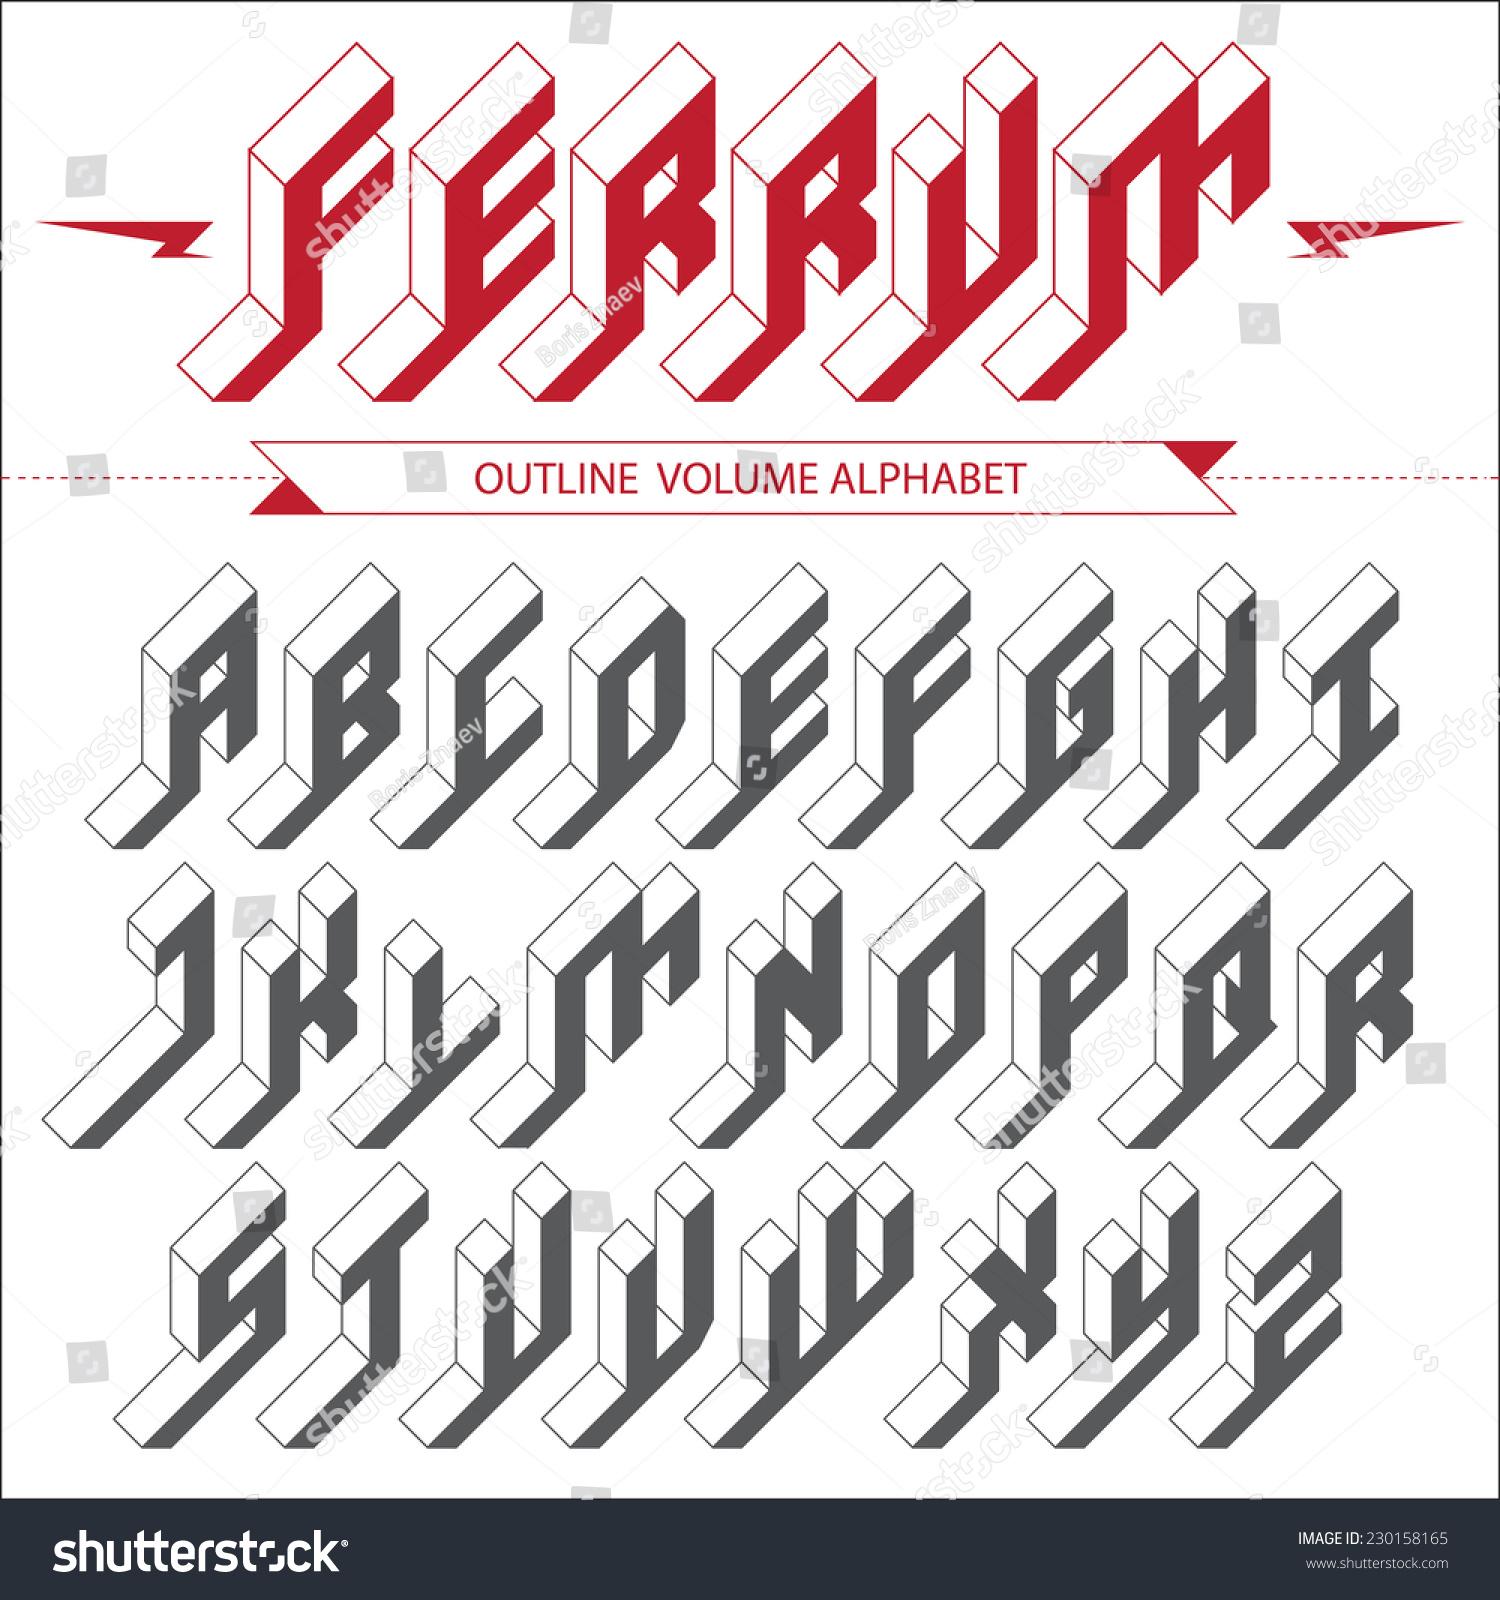 Alphabet Designs Fonts Images